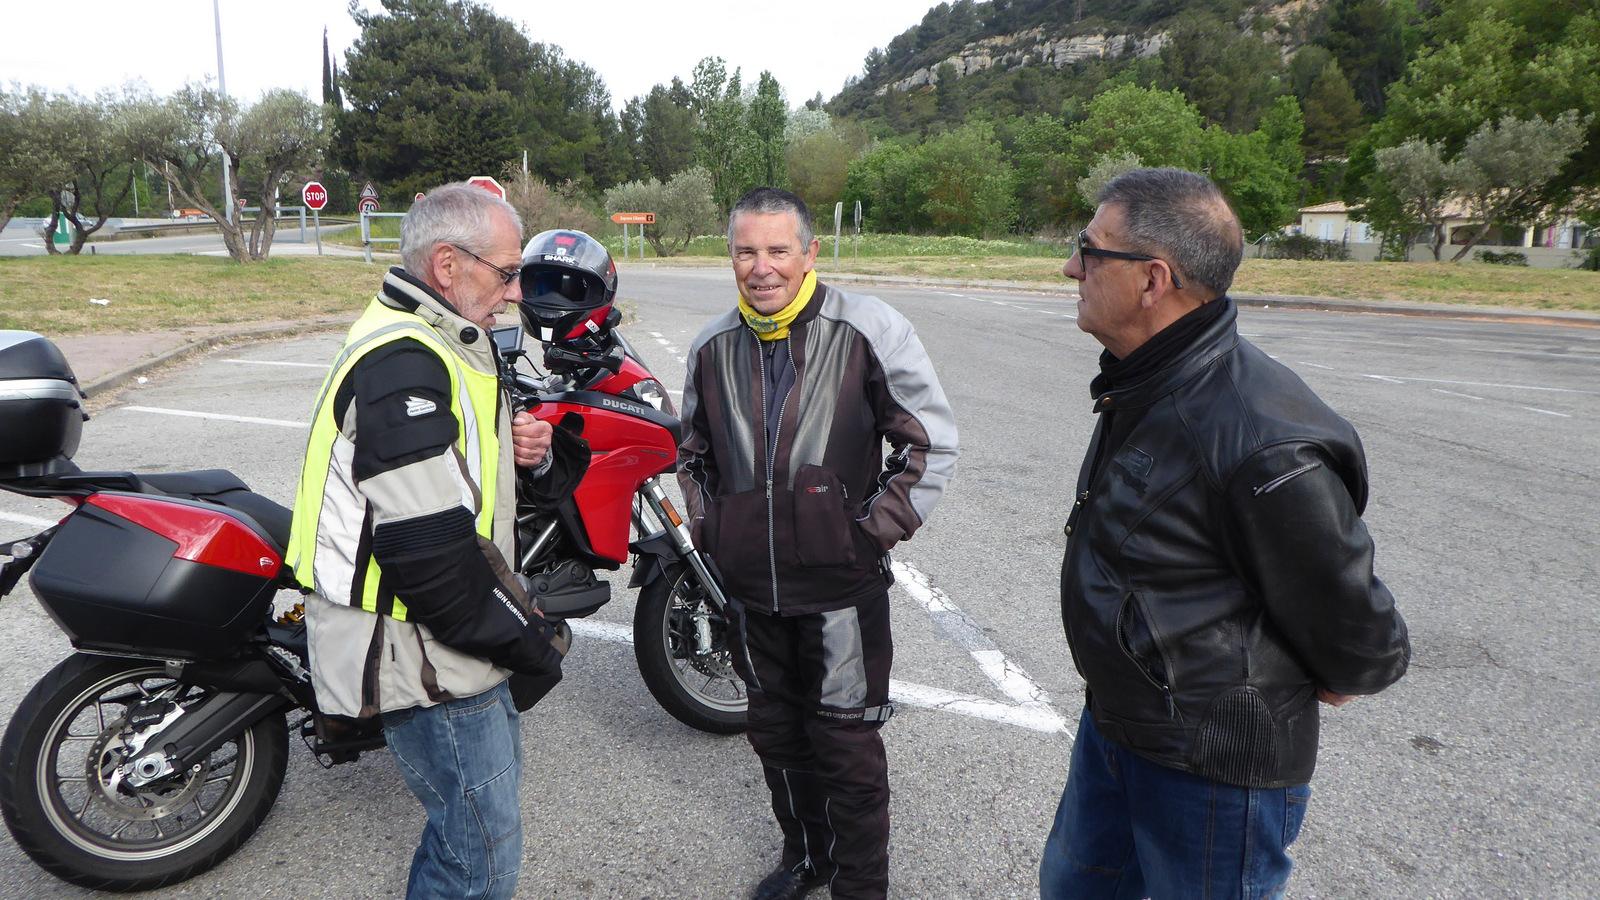 ... pour les motards de l'ouest Varois et les 13 !!!